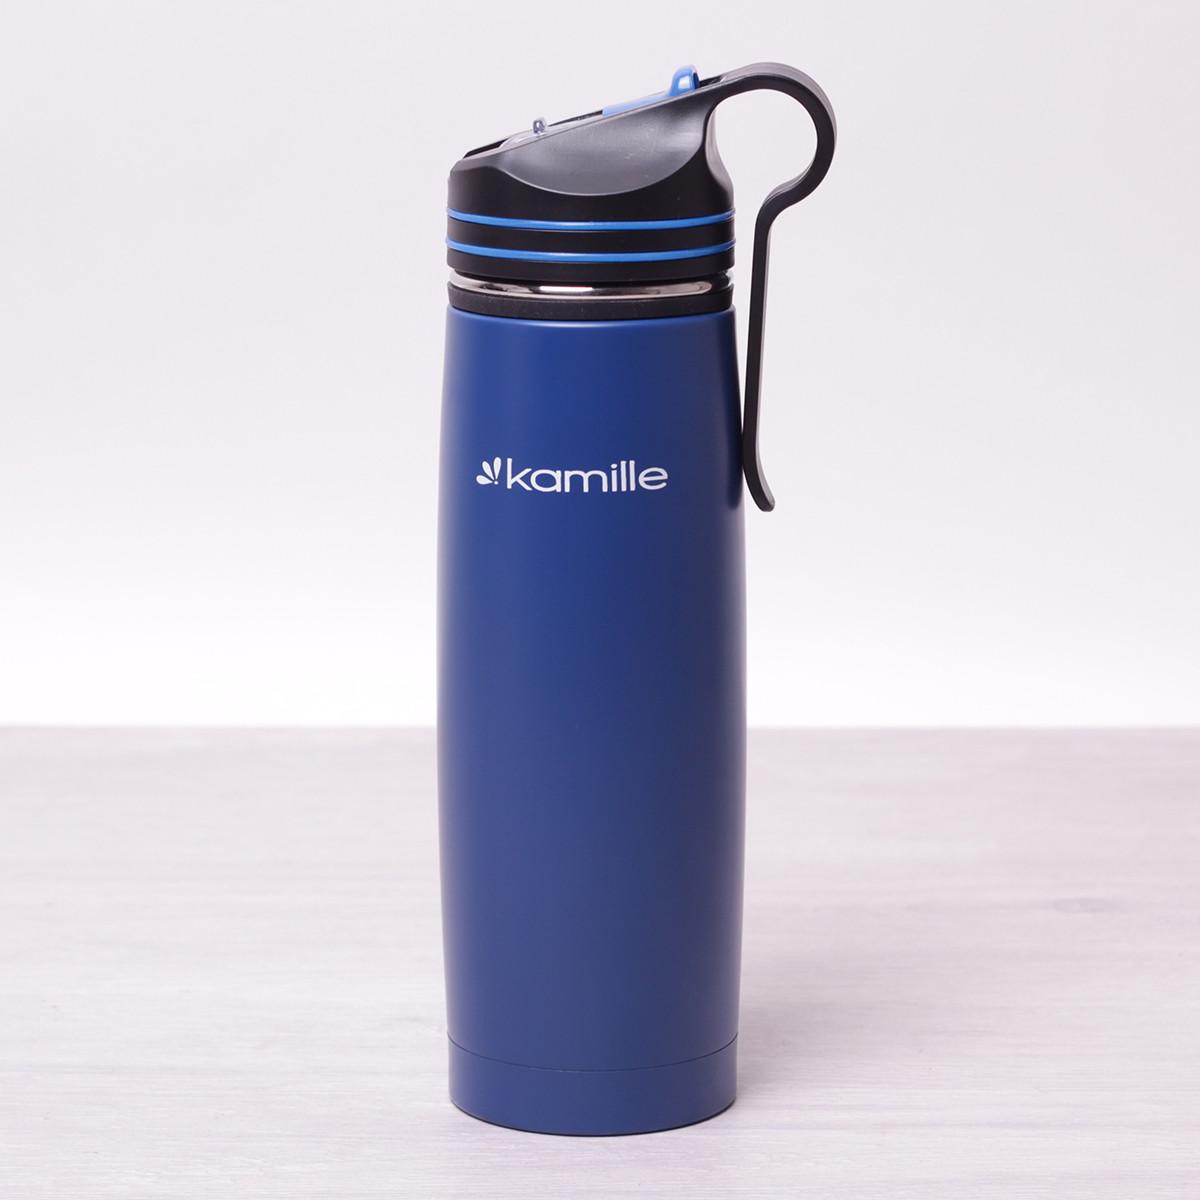 Спортивный термос-бутылка Kamille 500мл из нержавеющей стали с трубочкой и клипсой для крепления